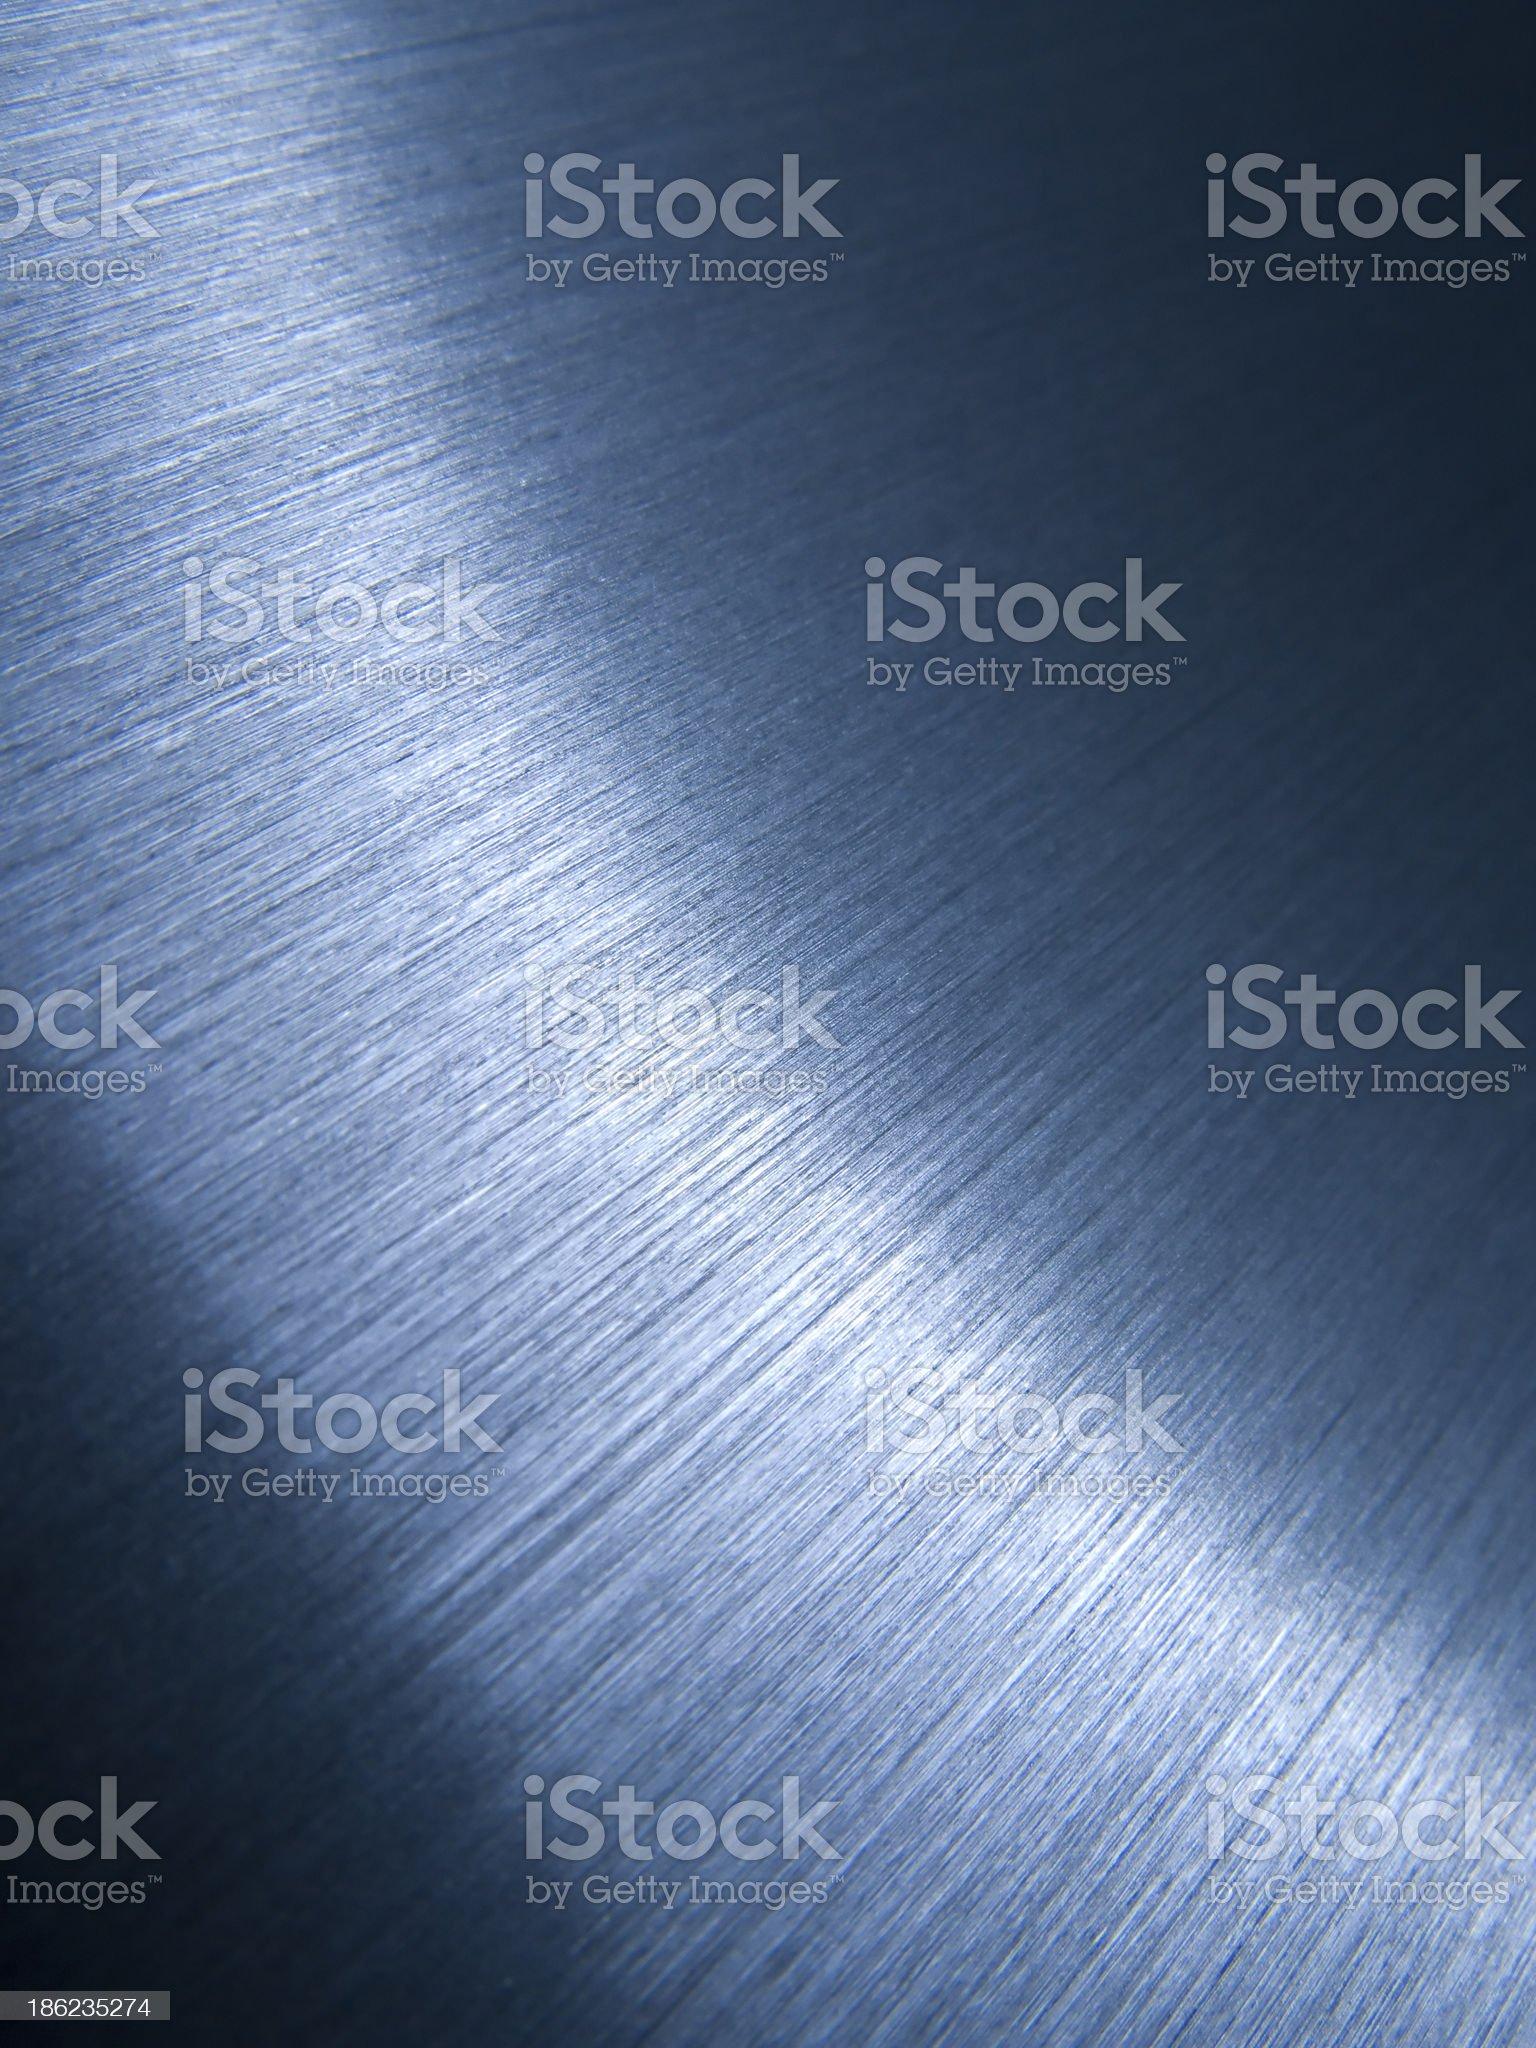 Brushed aluminum surface royalty-free stock photo